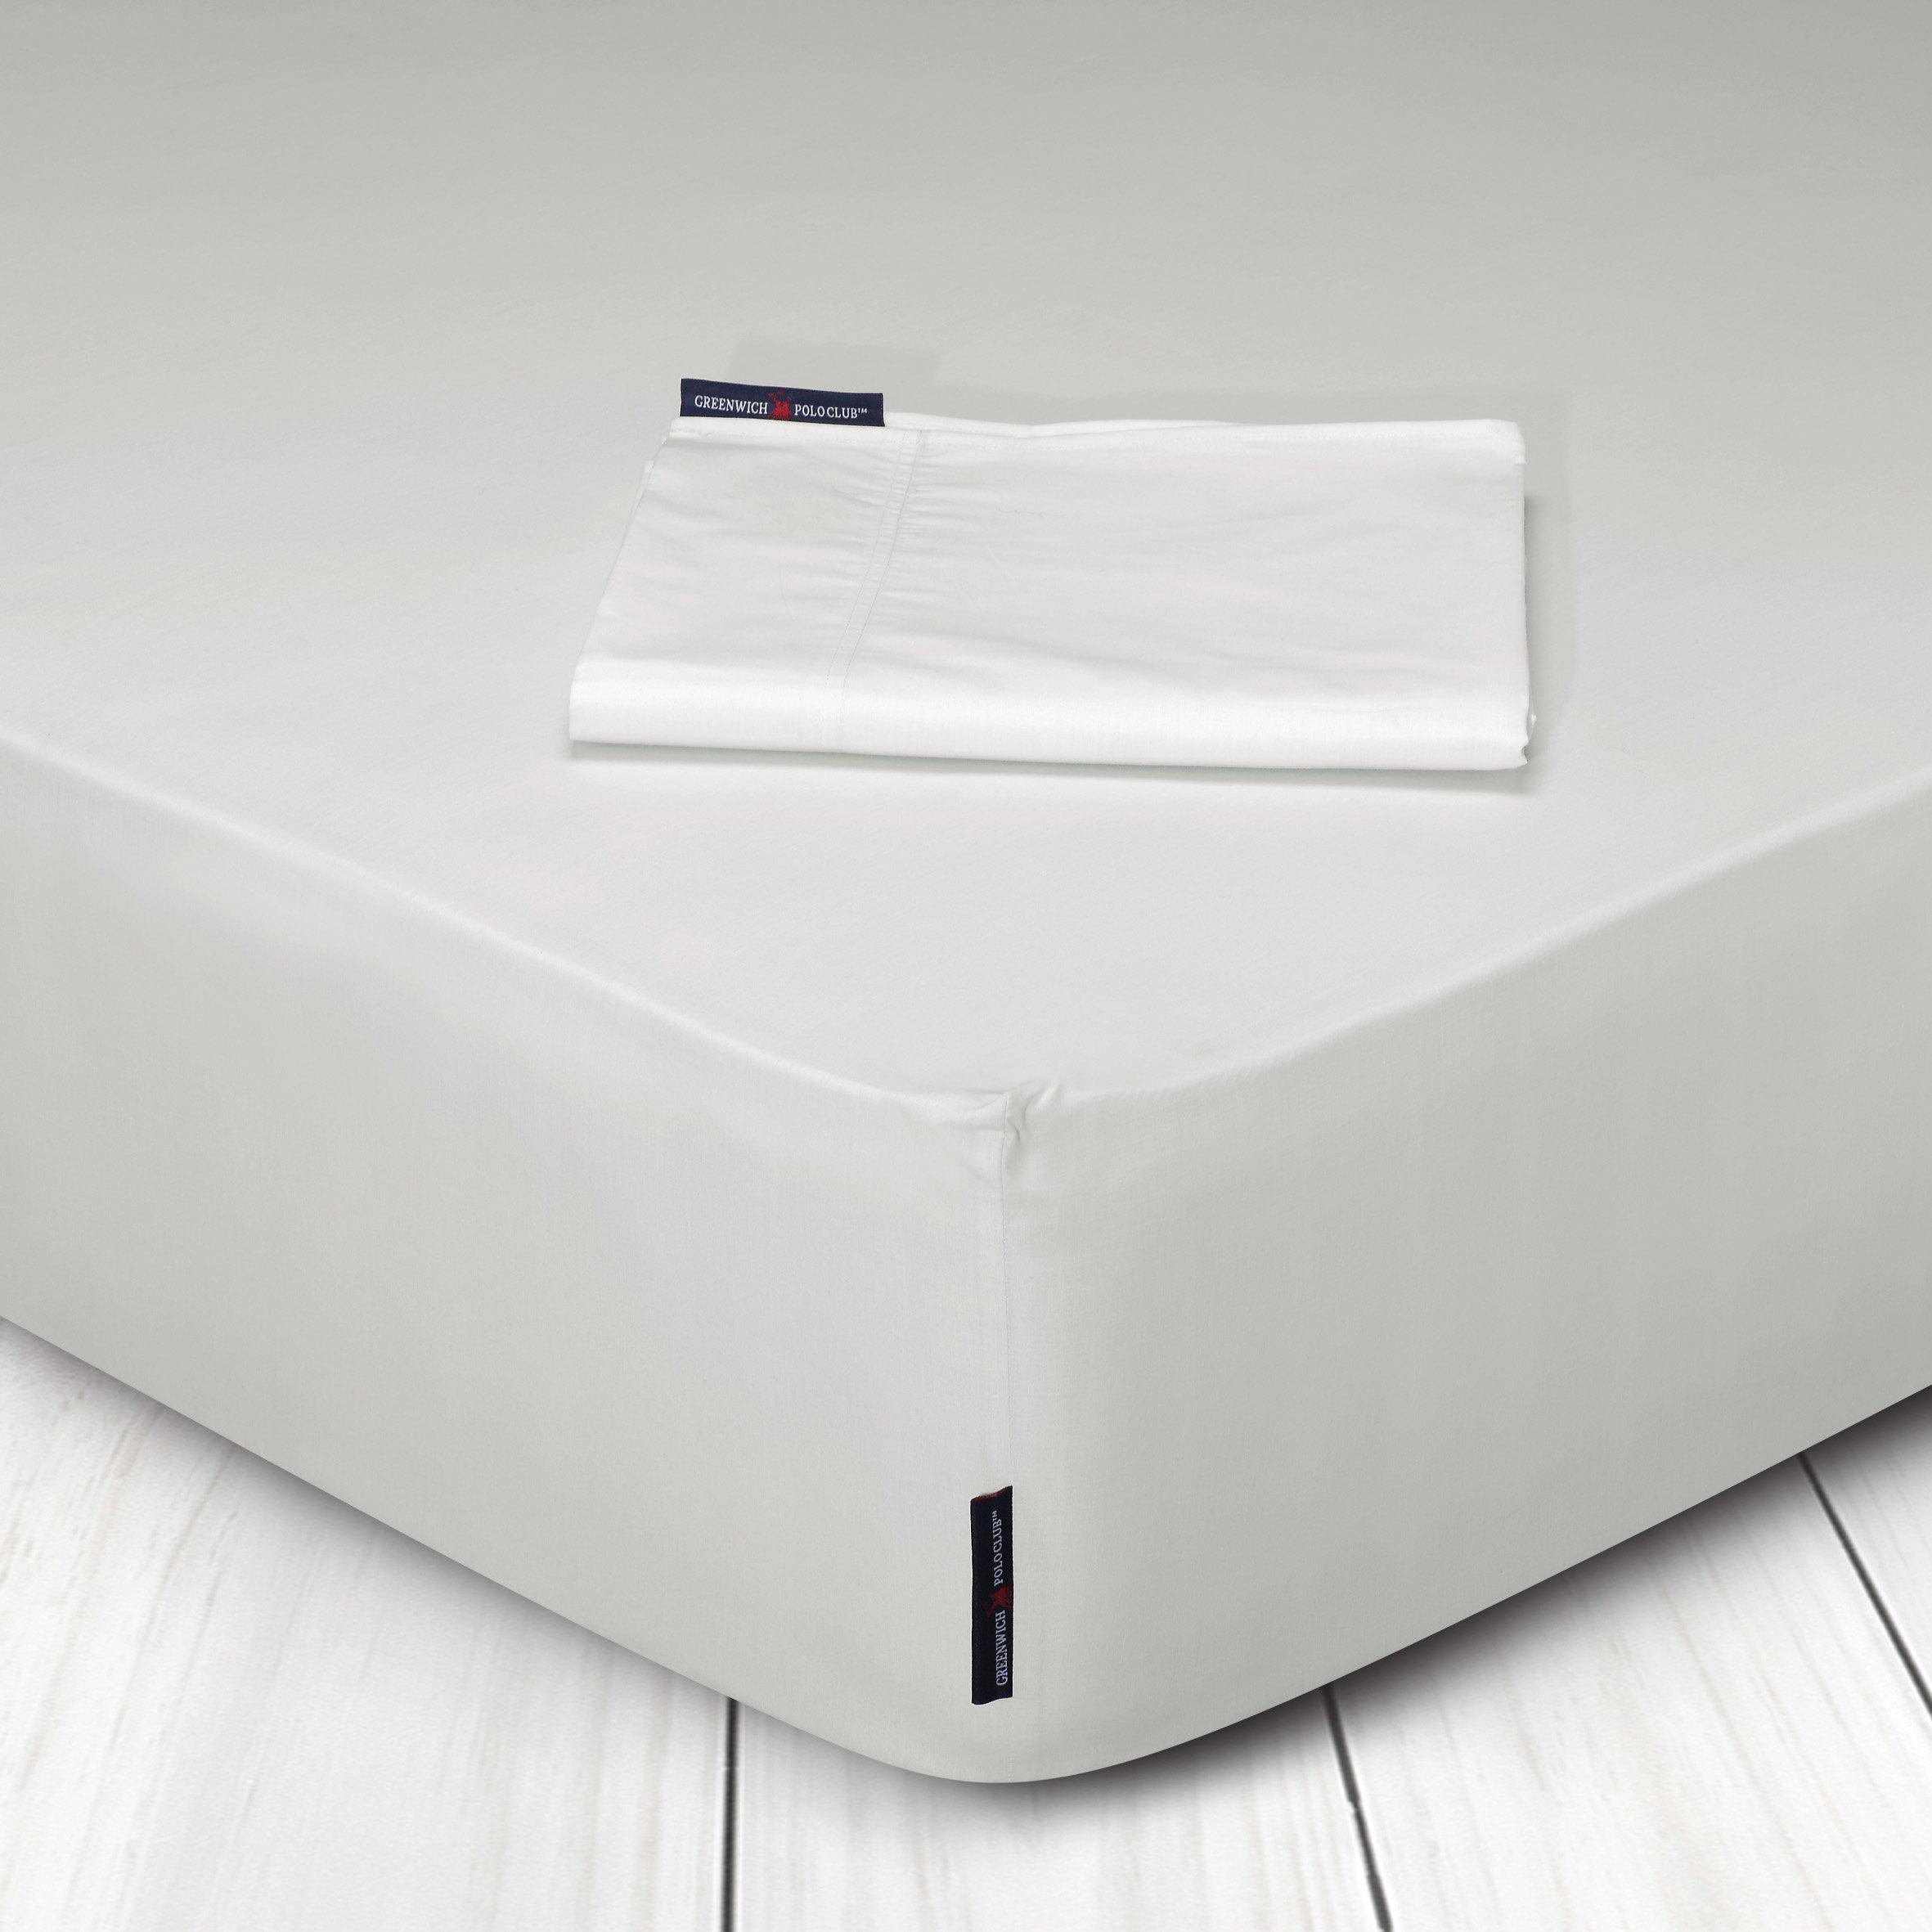 Σεντόνι Μεμονωμένο King Size 270x280 Greenwich Polo Club Premium 2200 Εκρου Χωρίς Λάστιχο (270x280)